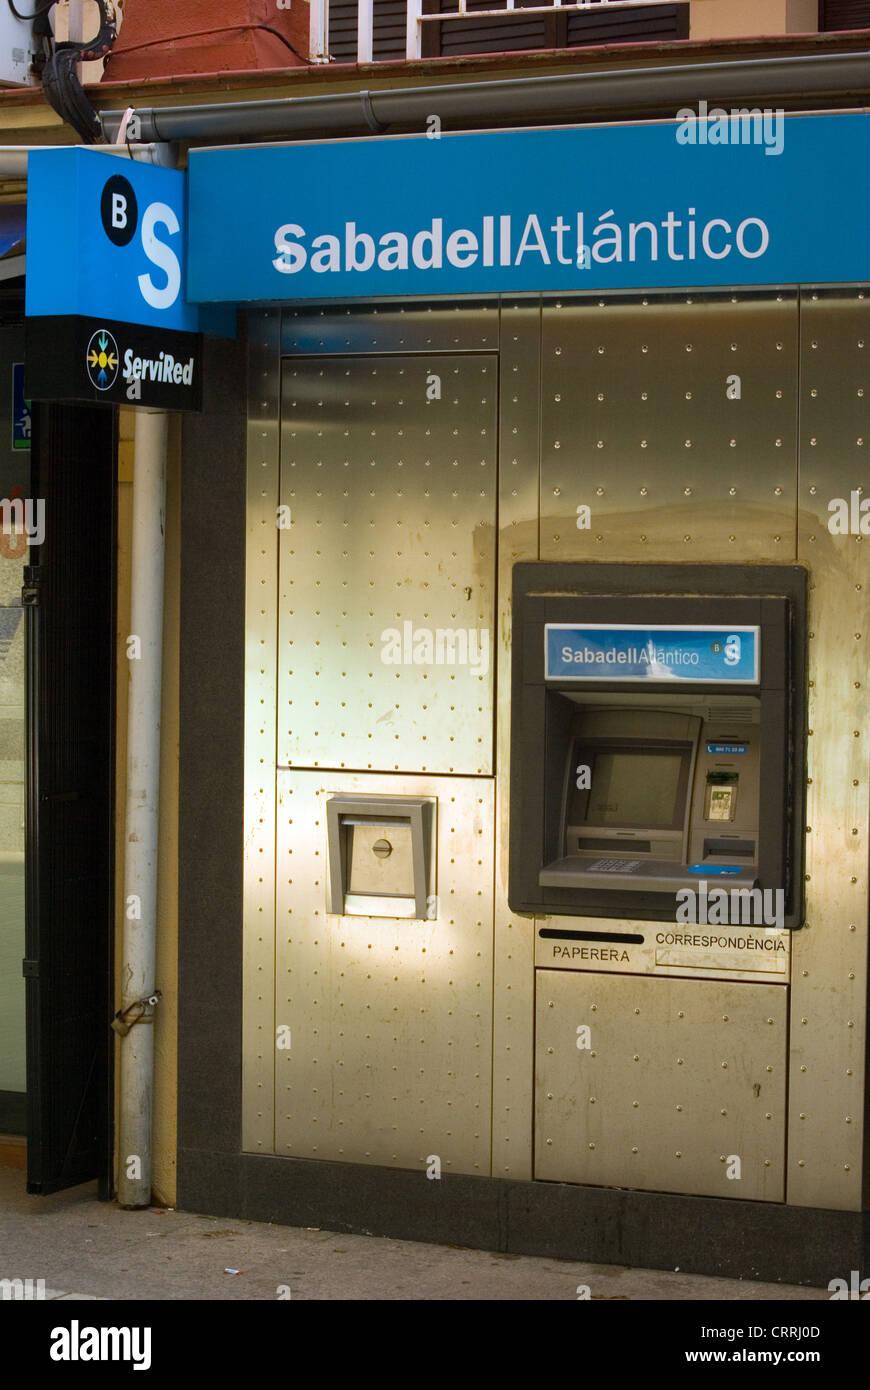 Spanische Banken Sabadell Atlantico. Bank. Stockbild